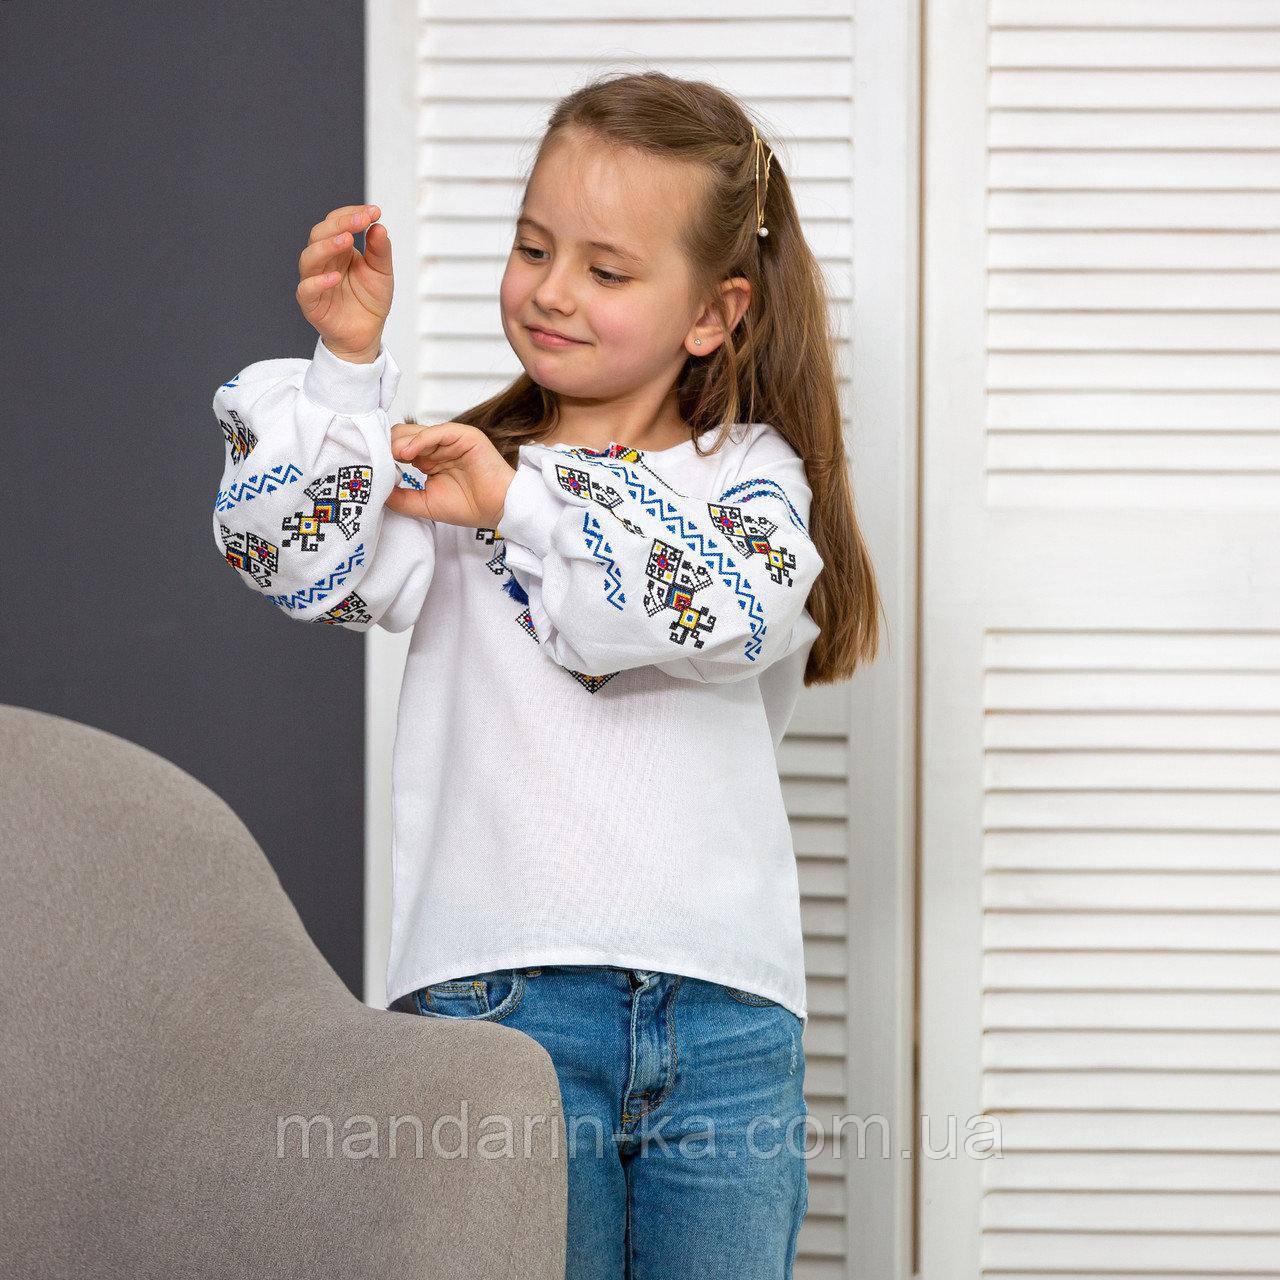 Вышиванка для девочки Доля на домотканой ткани